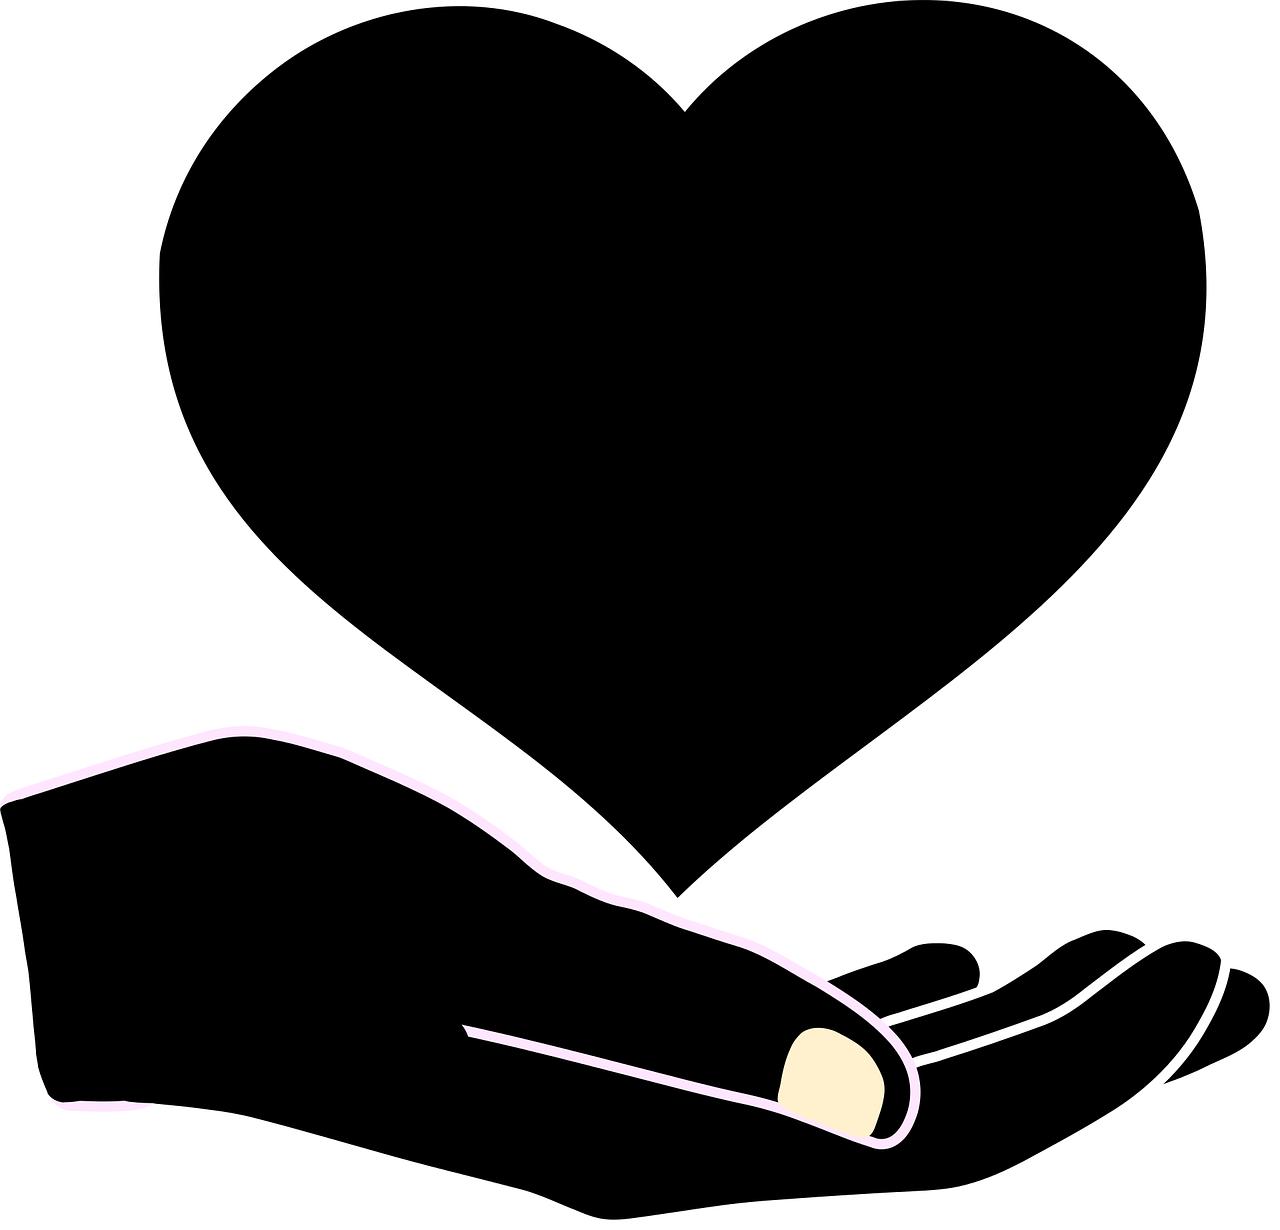 illustrasjon av et hjerte i en hånd som symboliserer at vi holder vår egen helse.png